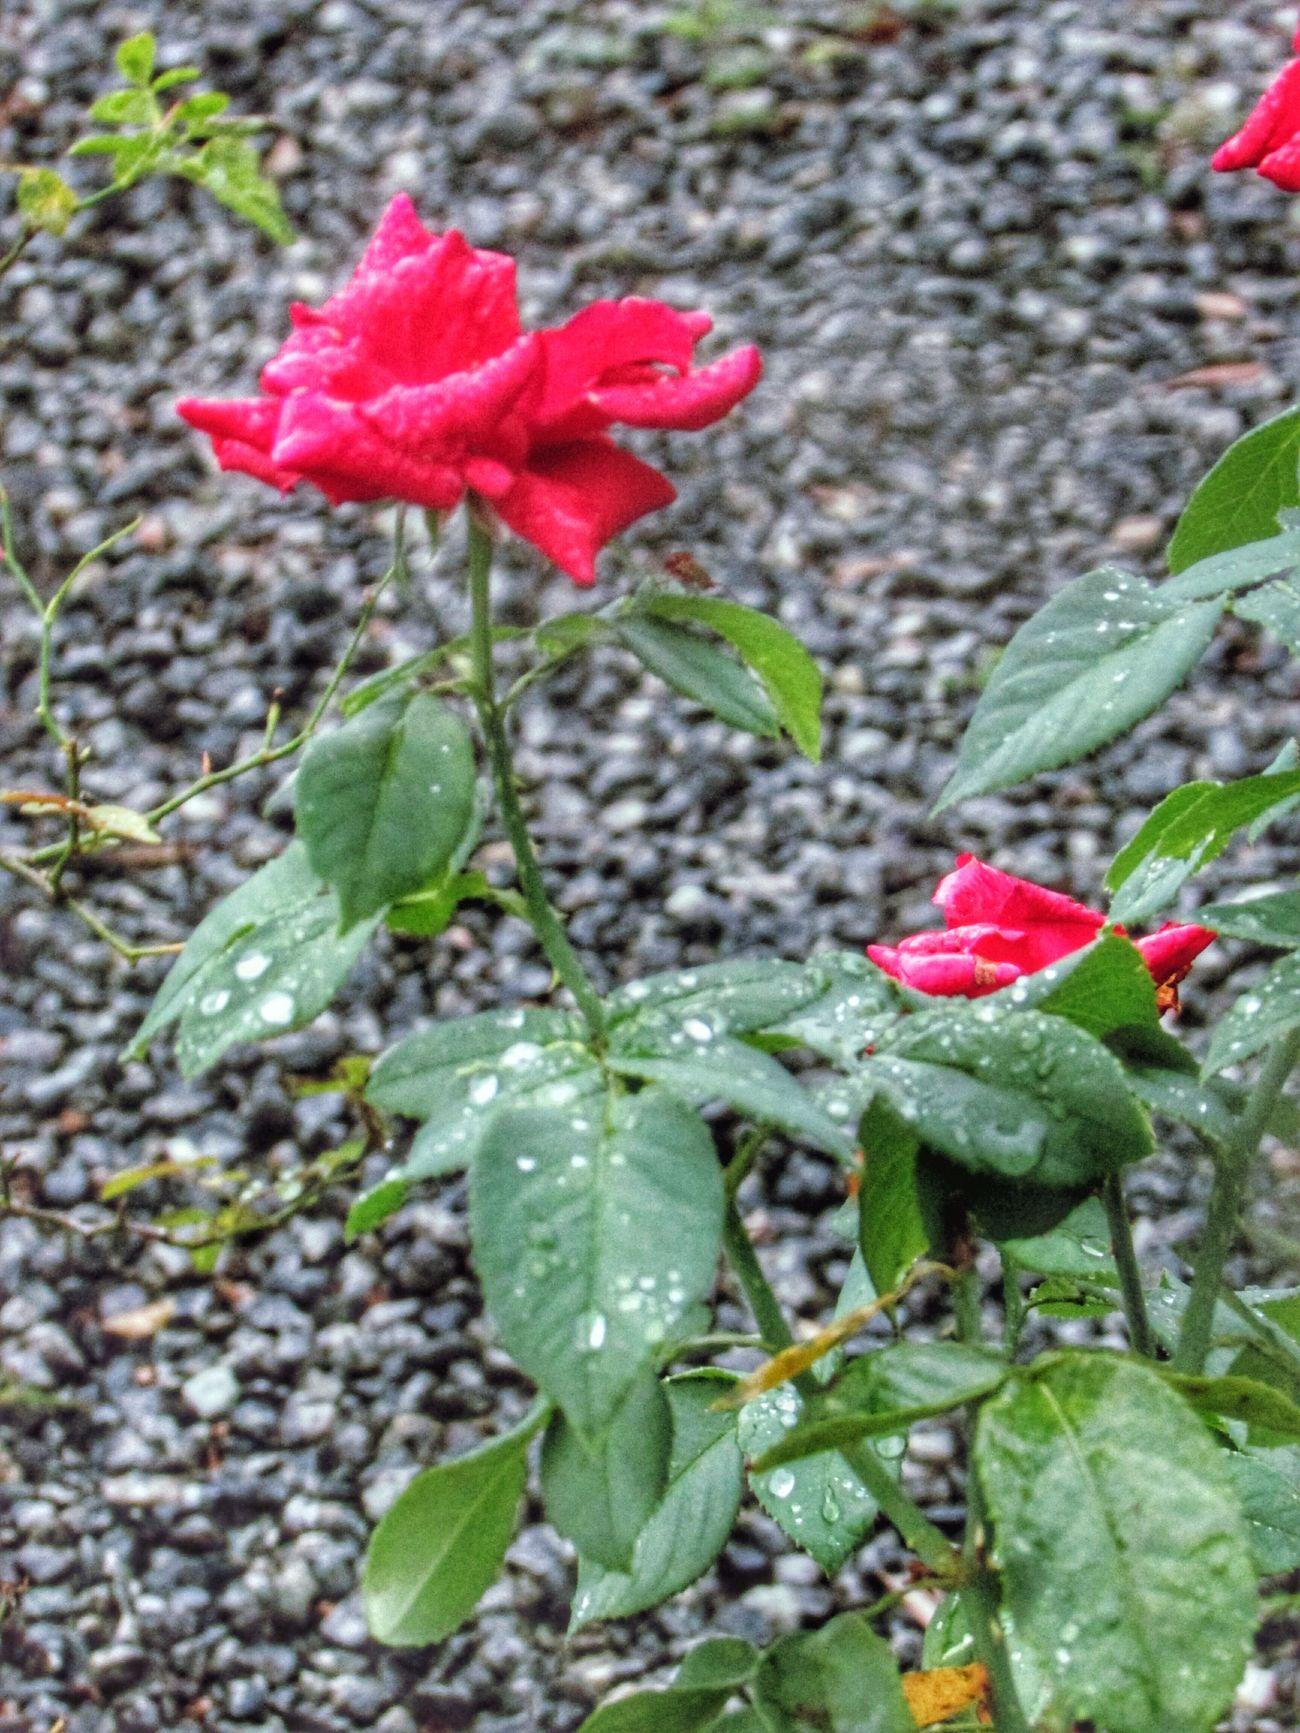 Flower Flores Flowers Flores Brazil Rosa Rosas Rosas🌹🌹 Roses Roses🌹 Floresrosa 🌷 Flowers 🌹 🌷 Flowers 🌹 Roses🌹 Red ⚘ 🌹 Rose Millennial Pink Millennial Pink